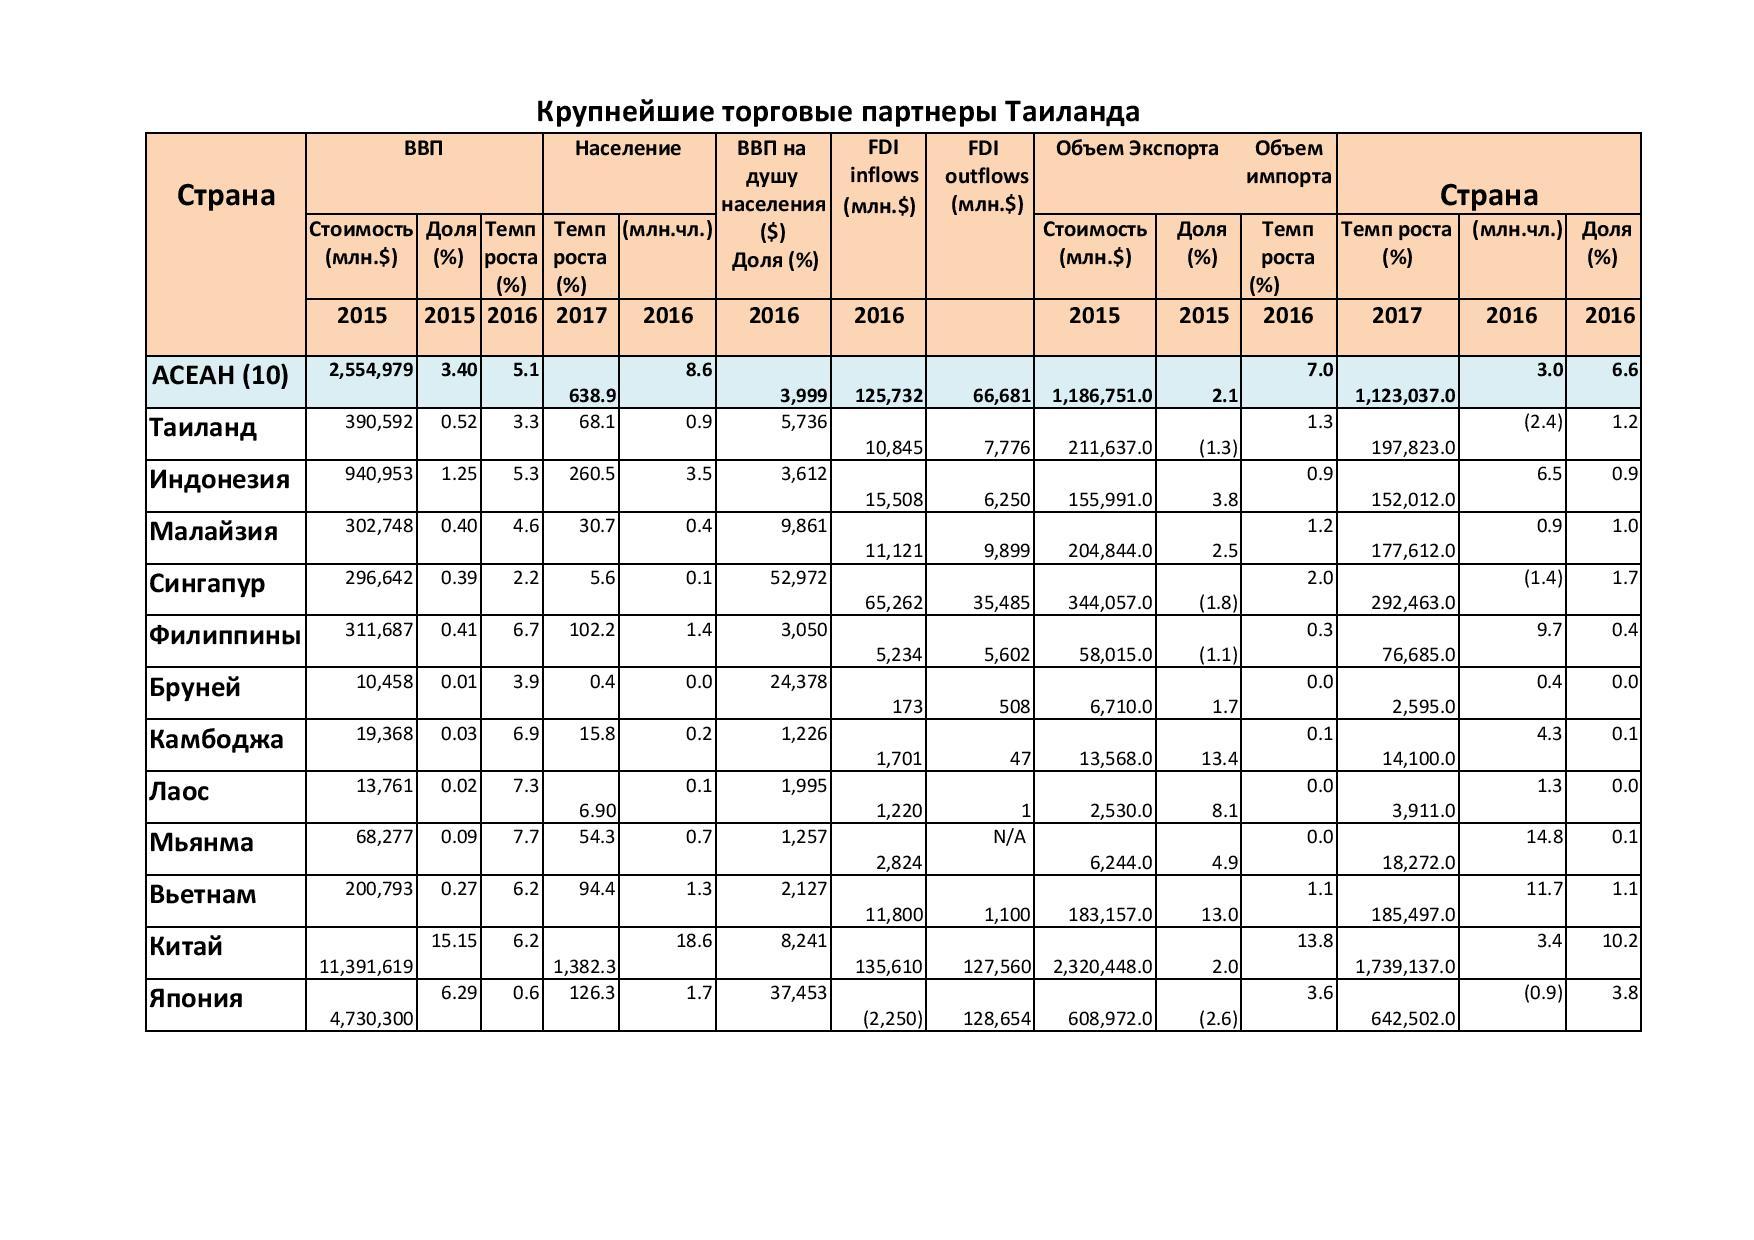 Крупнейшие торговые партнеры Таиланда1